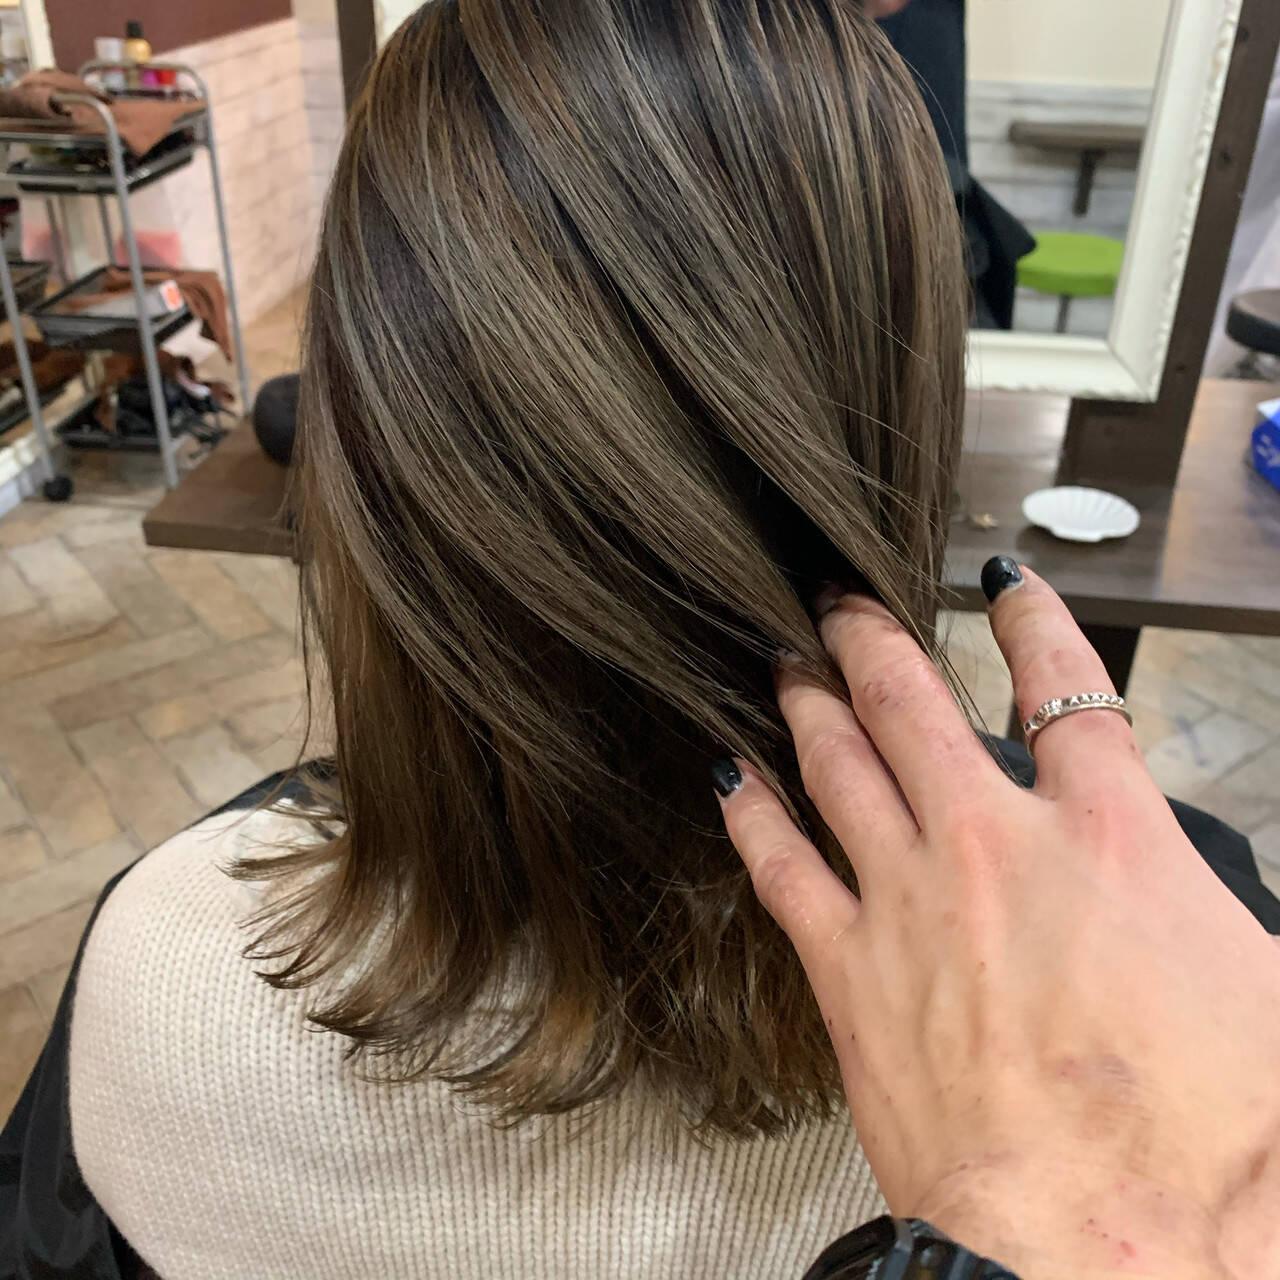 ベージュ ミディアム ブリーチオンカラー ミルクティーベージュヘアスタイルや髪型の写真・画像